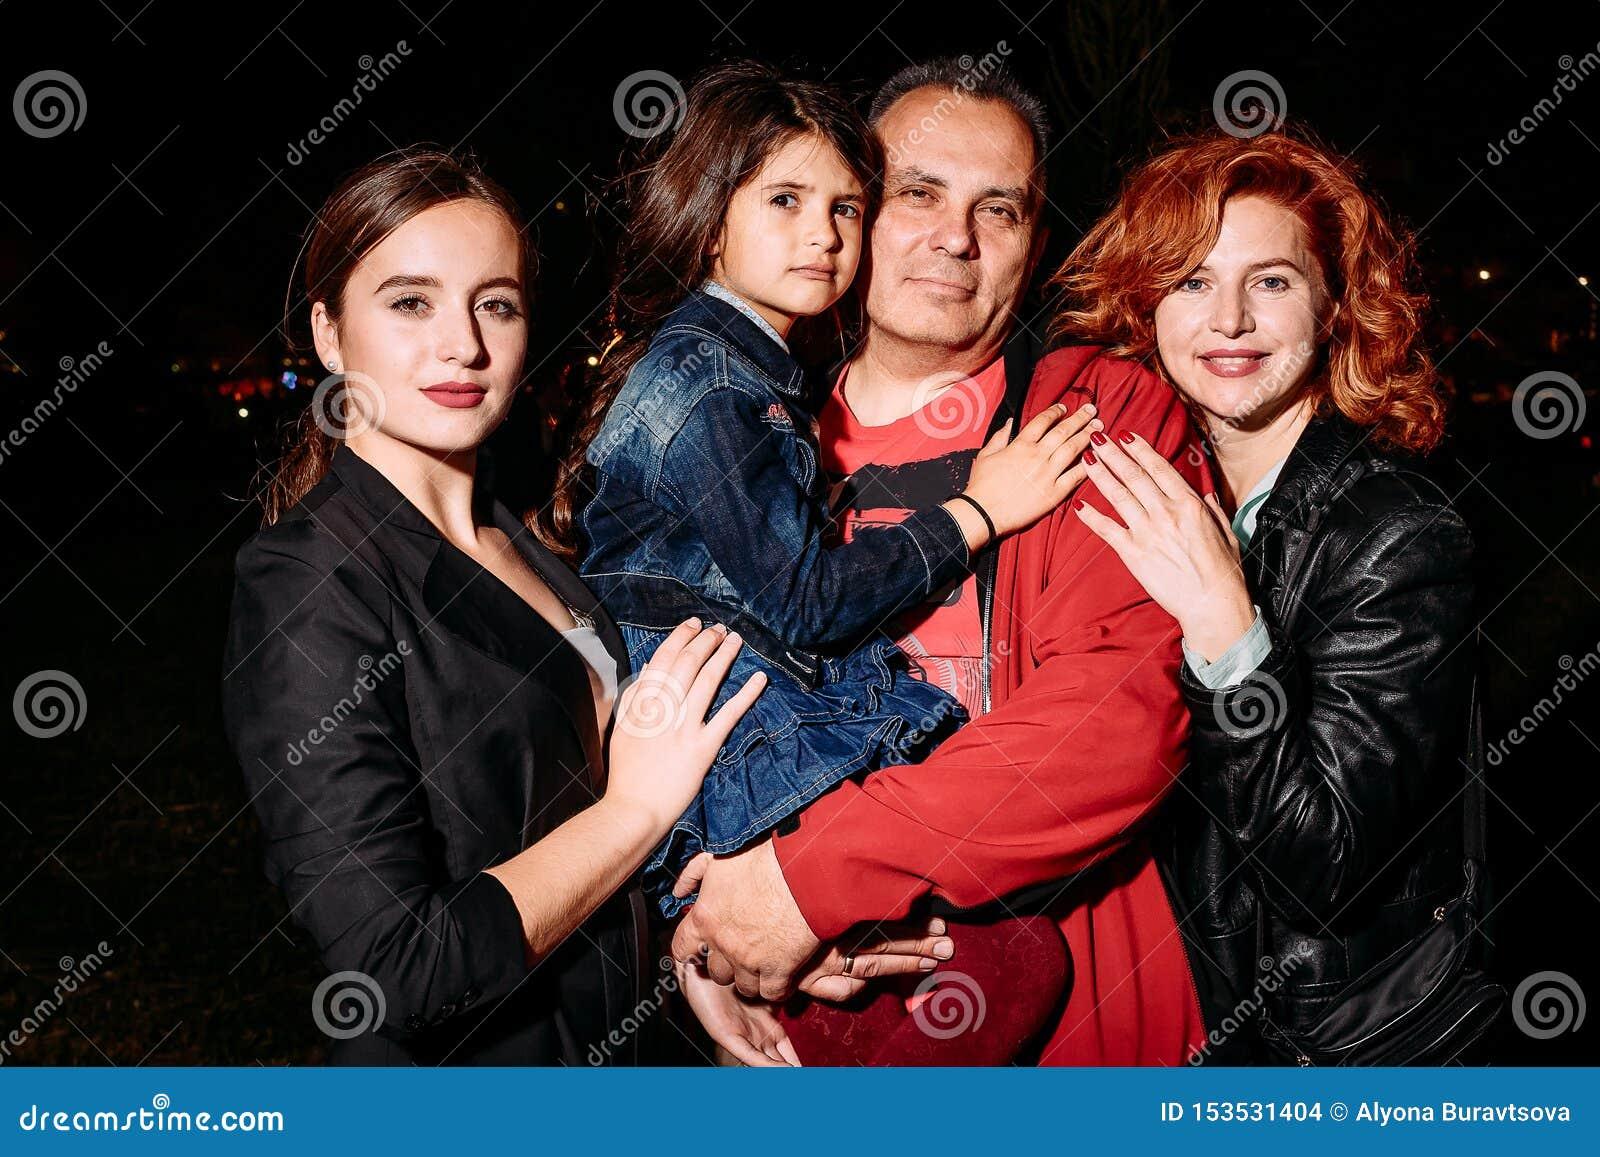 Szczęśliwa uśmiechnięta rodzina składająca się z czterech osób pozuje in camera przy nocą